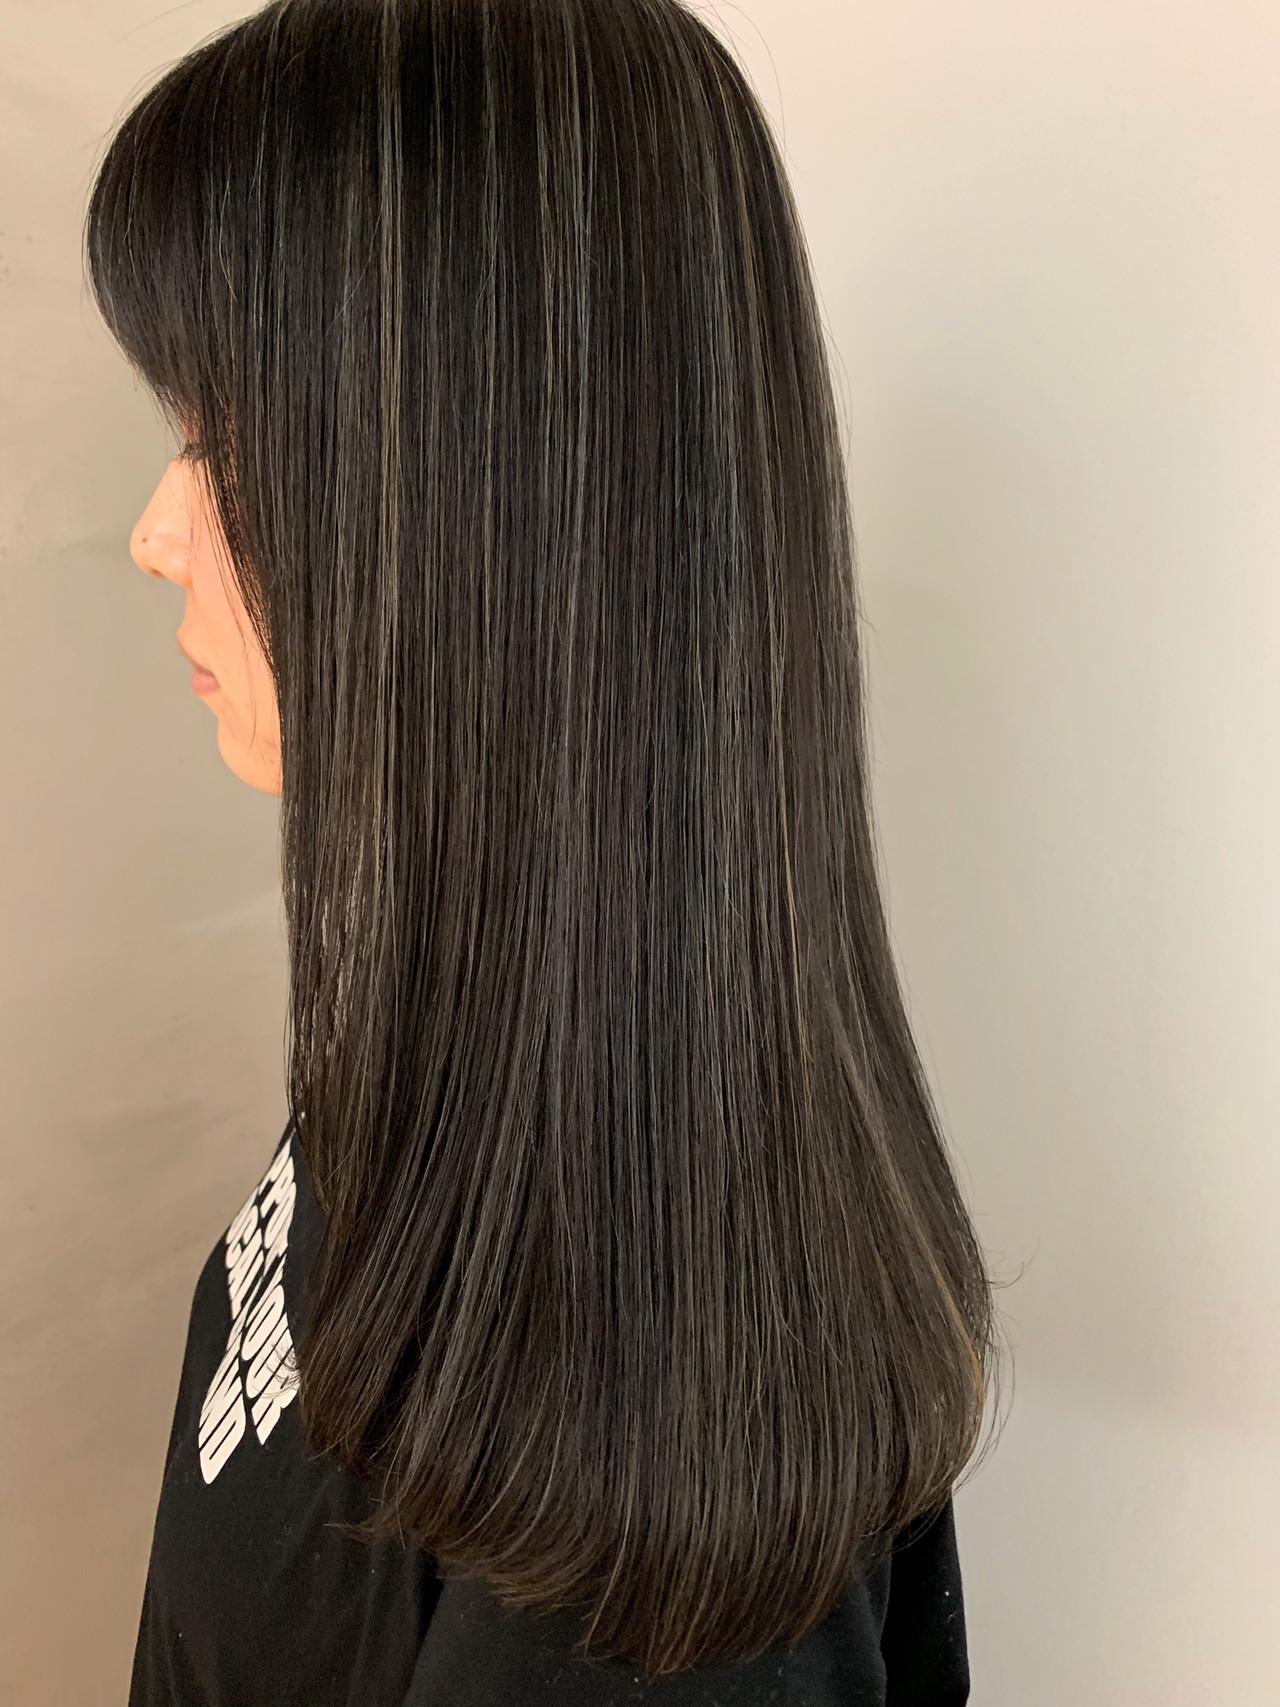 ホワイトハイライト ナチュラル グレージュ ハイライト ヘアスタイルや髪型の写真・画像 | MORNING.miya/@1031miya / HAIR MORNING.